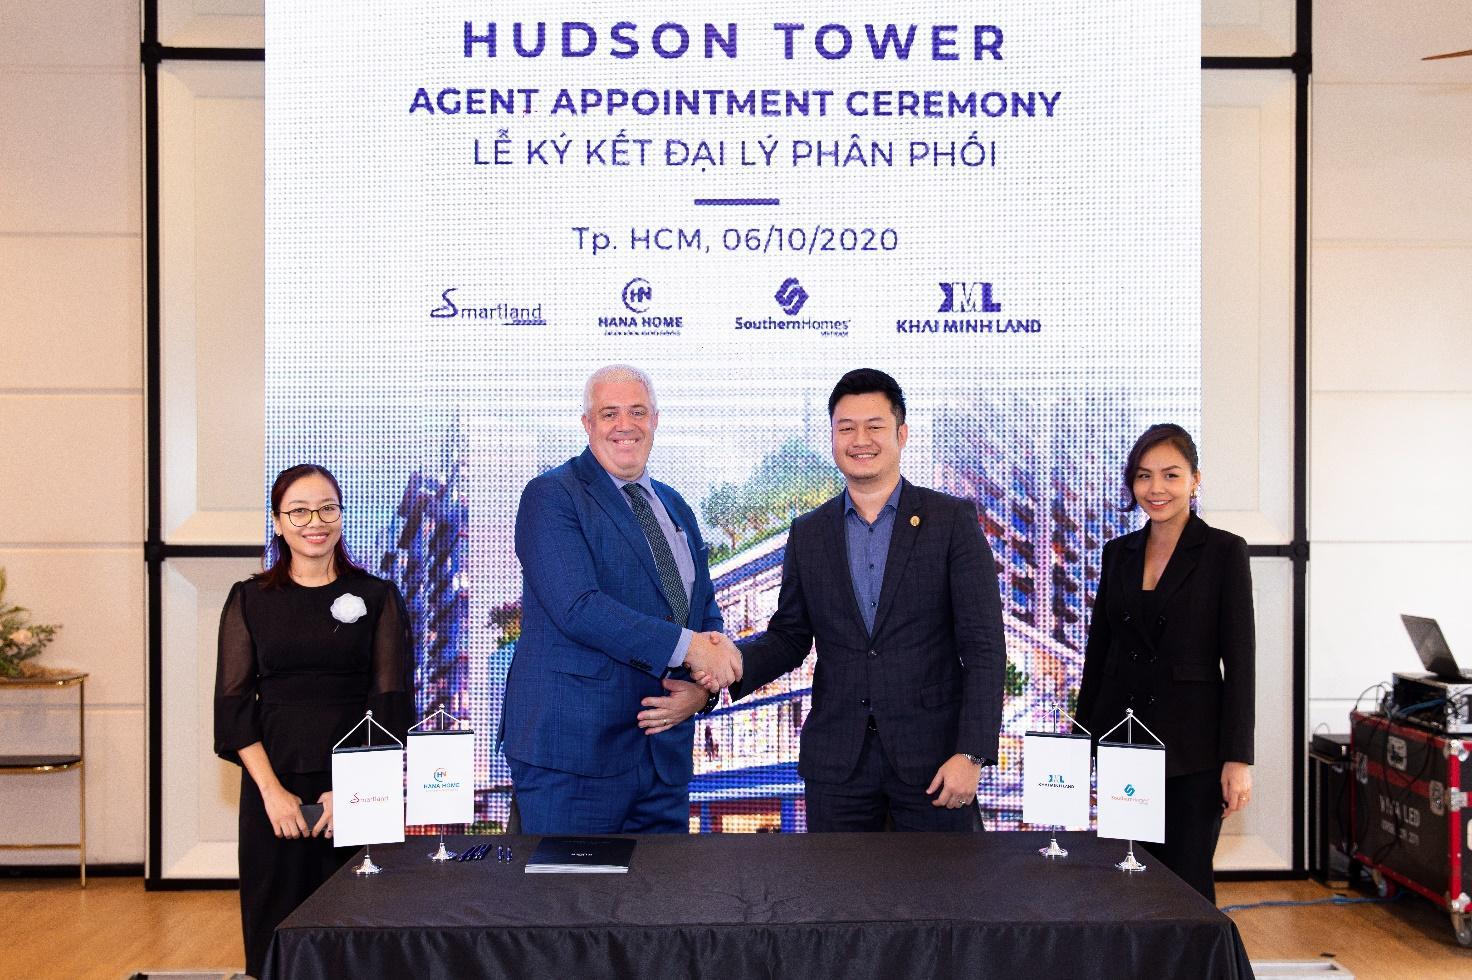 City Garden Thủ Thiêm ký kết hợp tác với 4 nhà phân phối lớn cho Hudson Tower thuộc dự án The River  - Ảnh 1